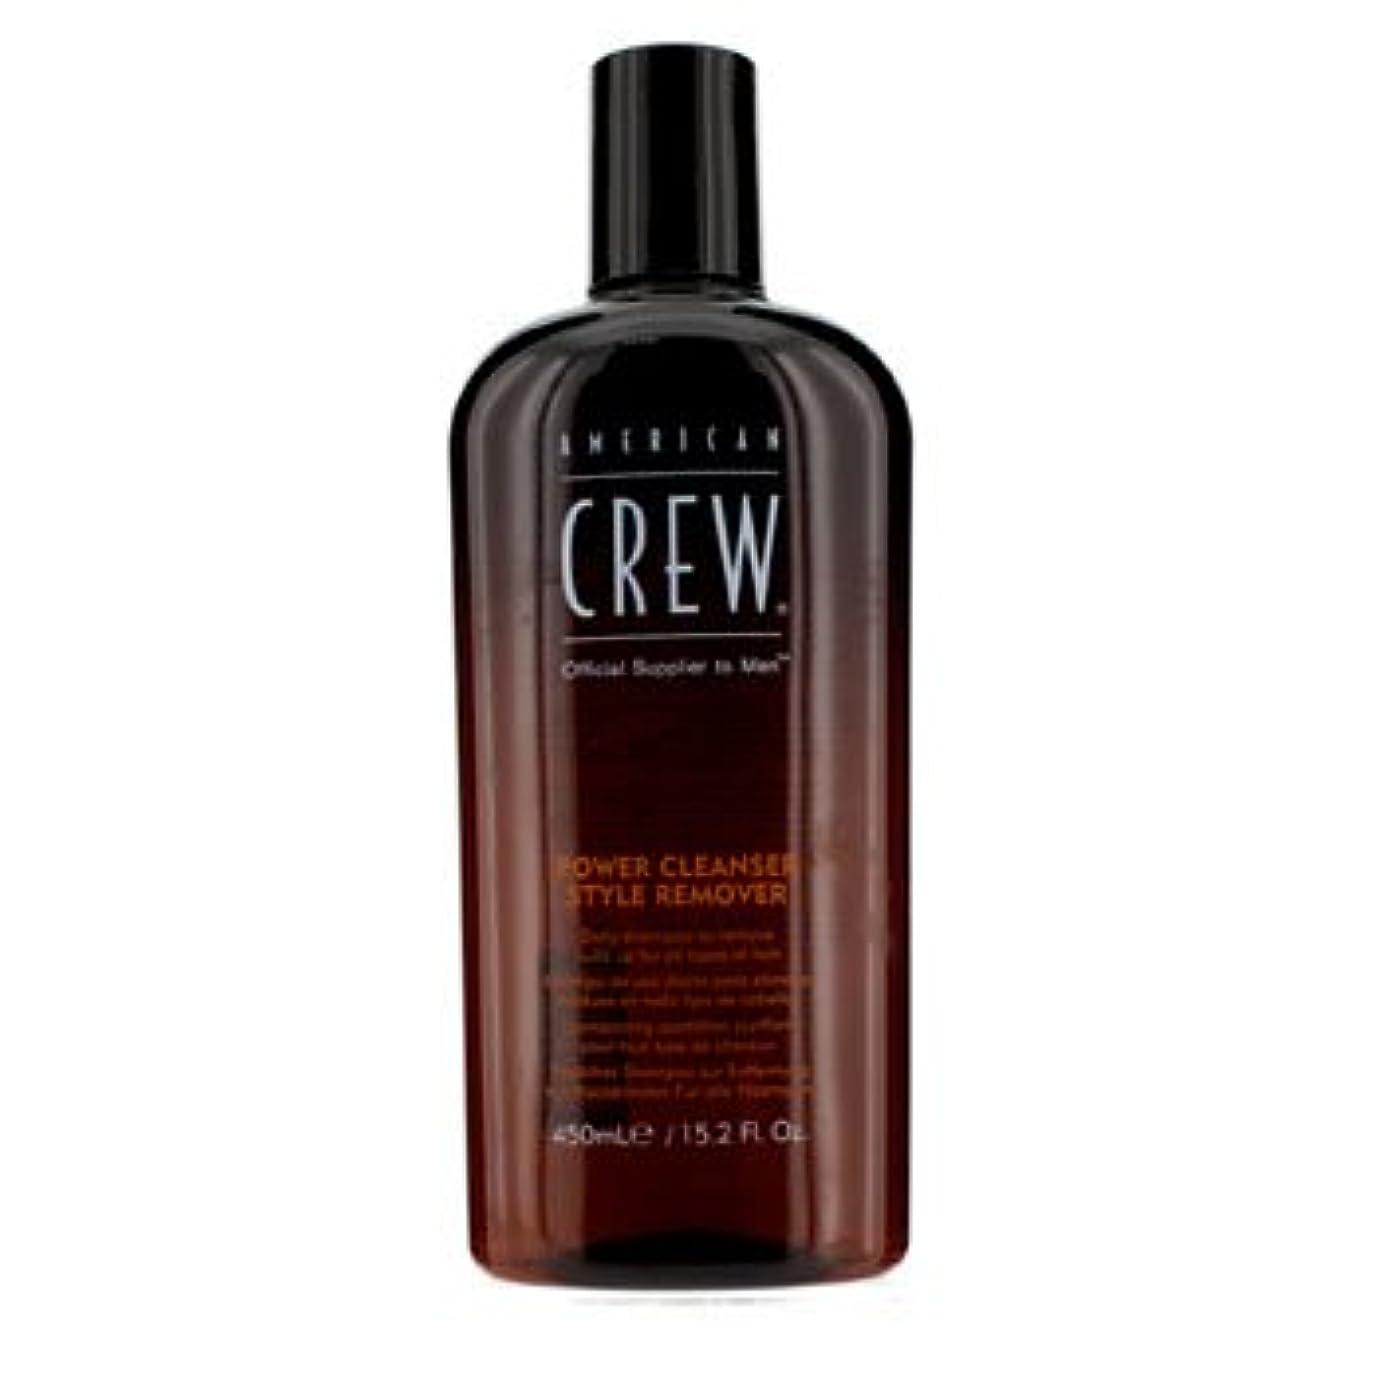 ソース相互スカルク[American Crew] Men Power Cleanser Style Remover Daily Shampoo (For All Types of Hair) 450ml/15.2oz